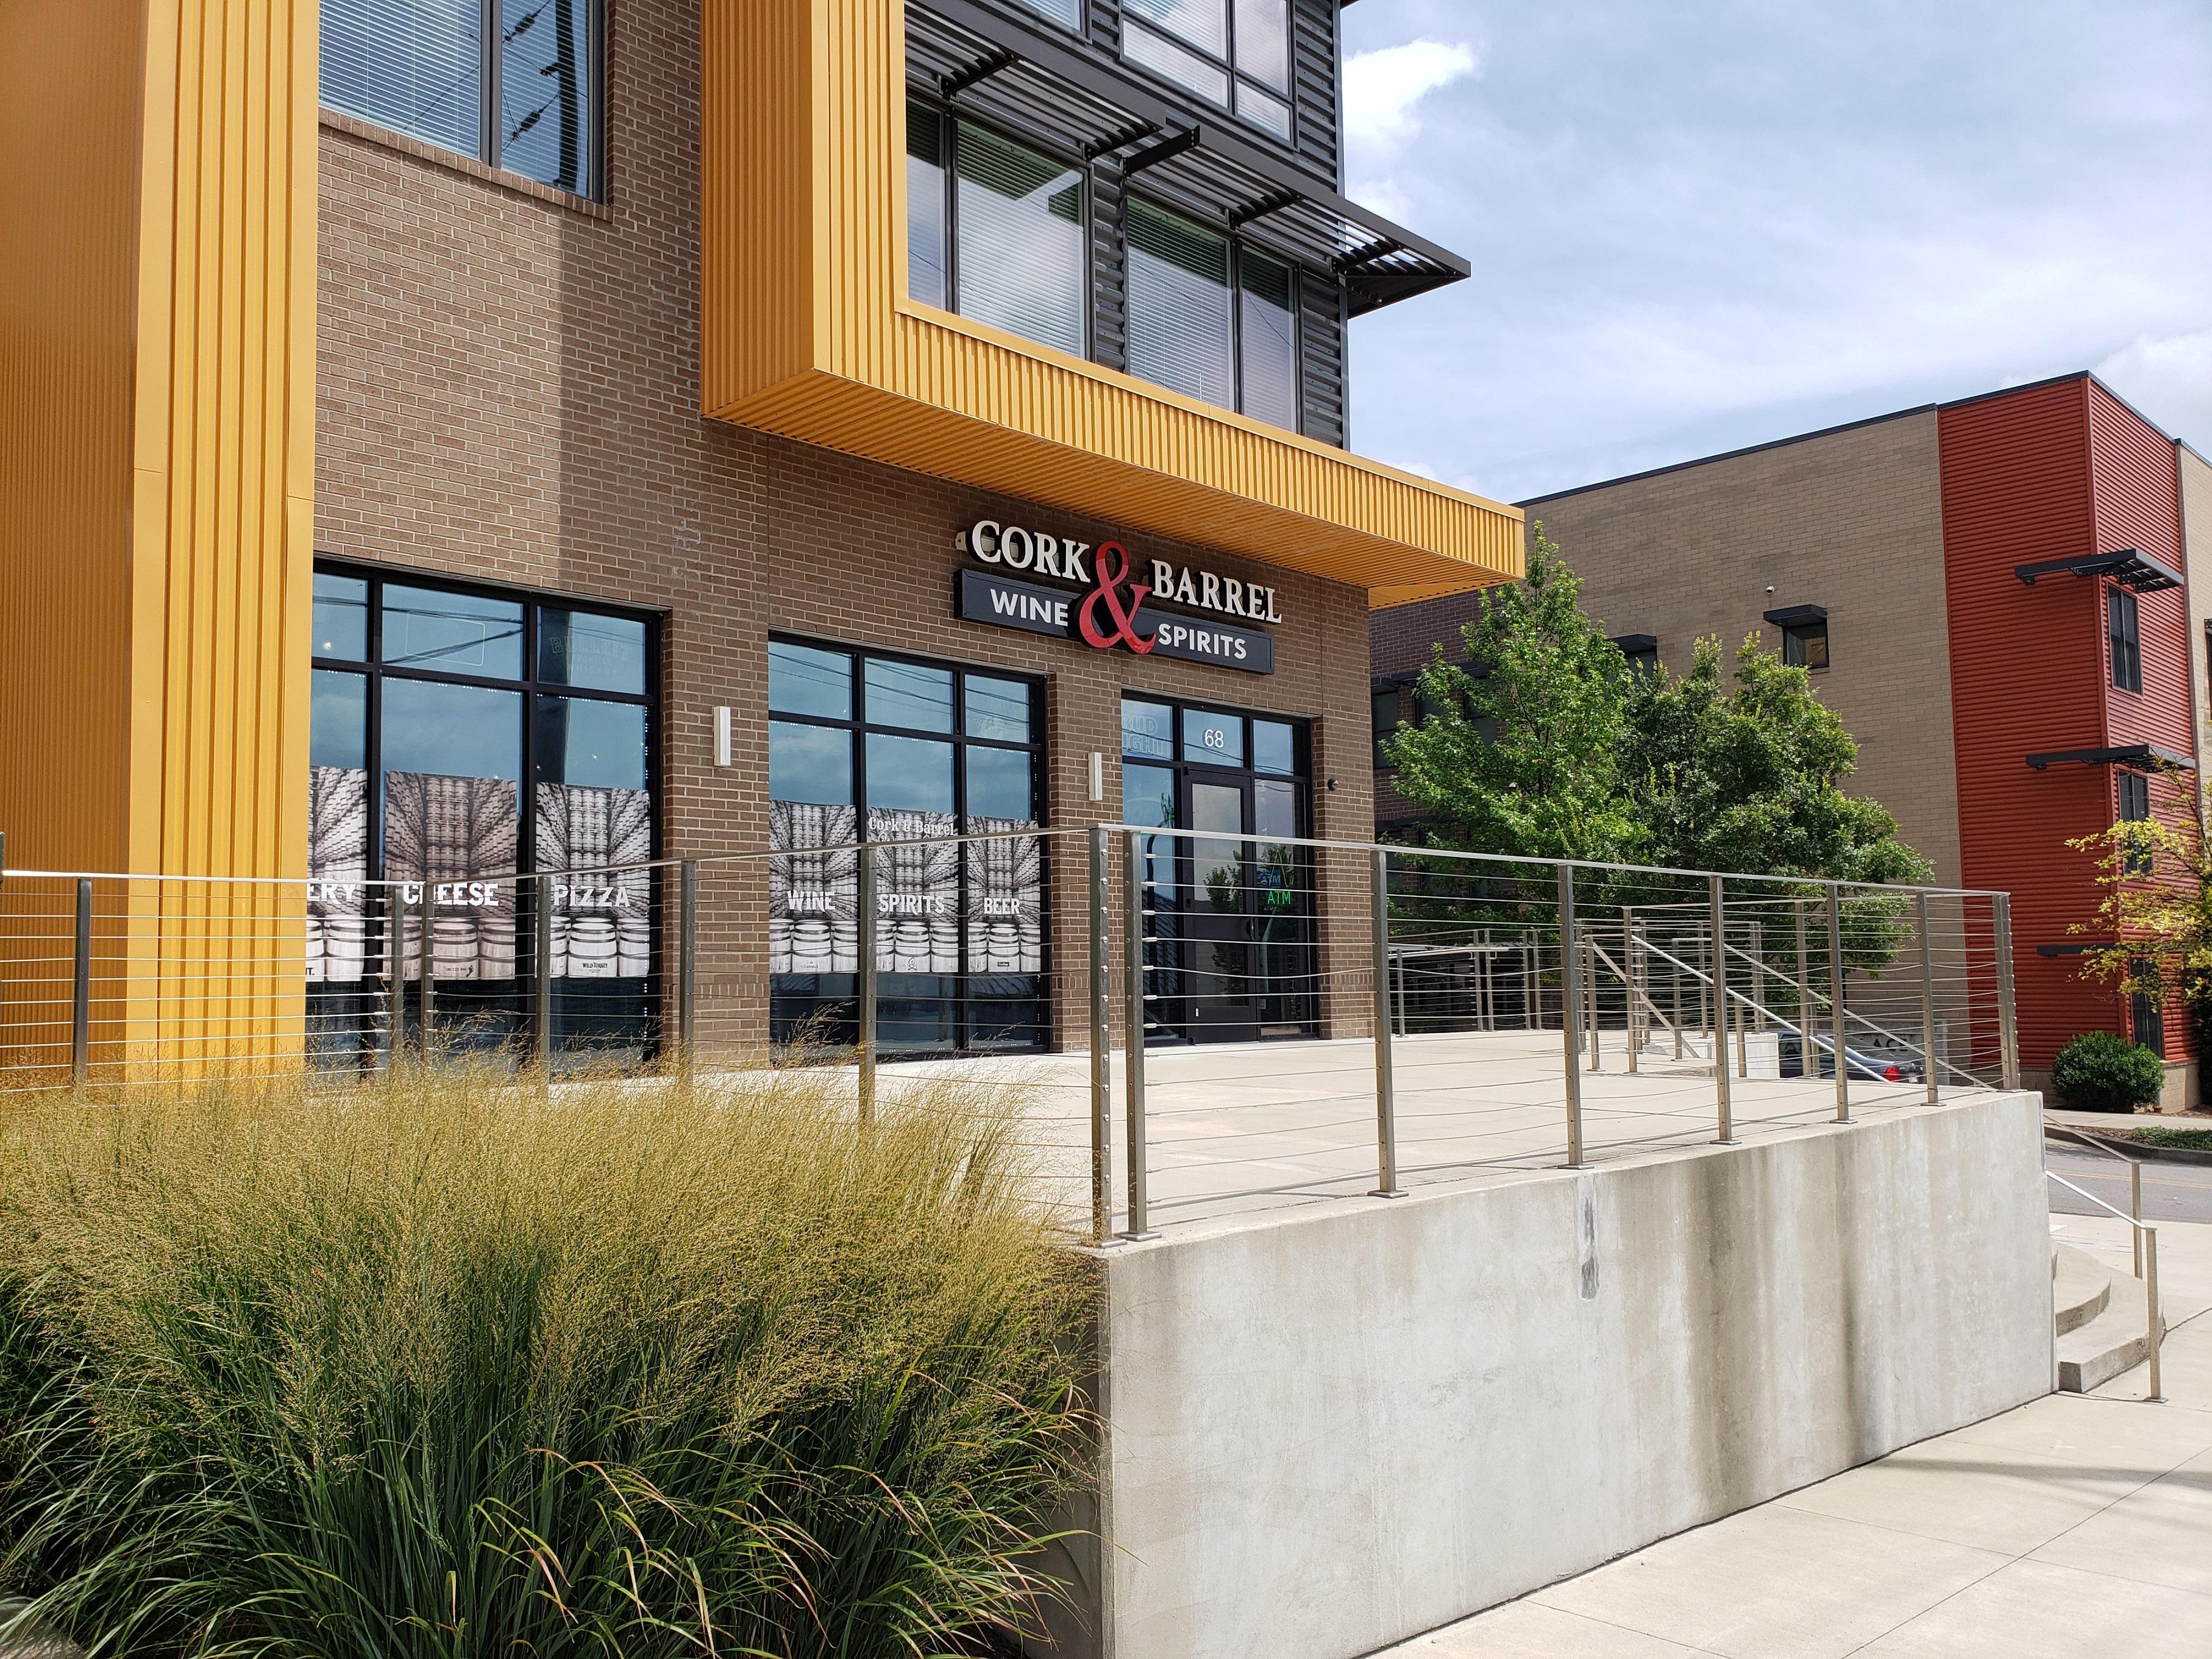 Renovation Design for Cork & Barrel Wine & Spirits in Nashville, Tennessee